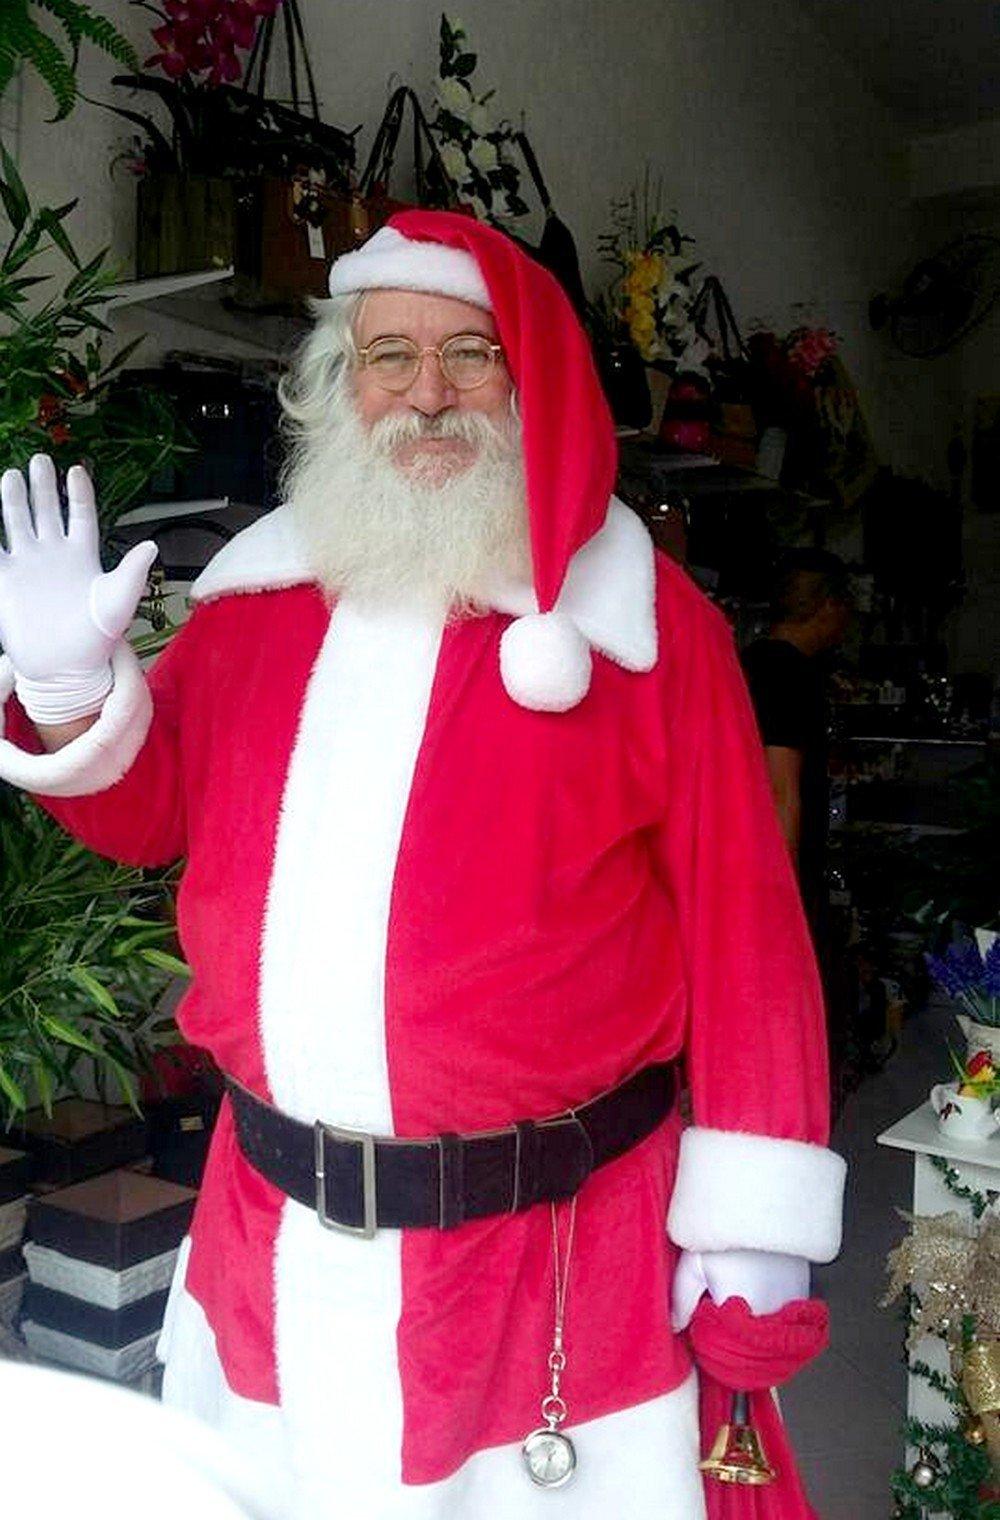 Gesualdo trabalhando como Papai Noel